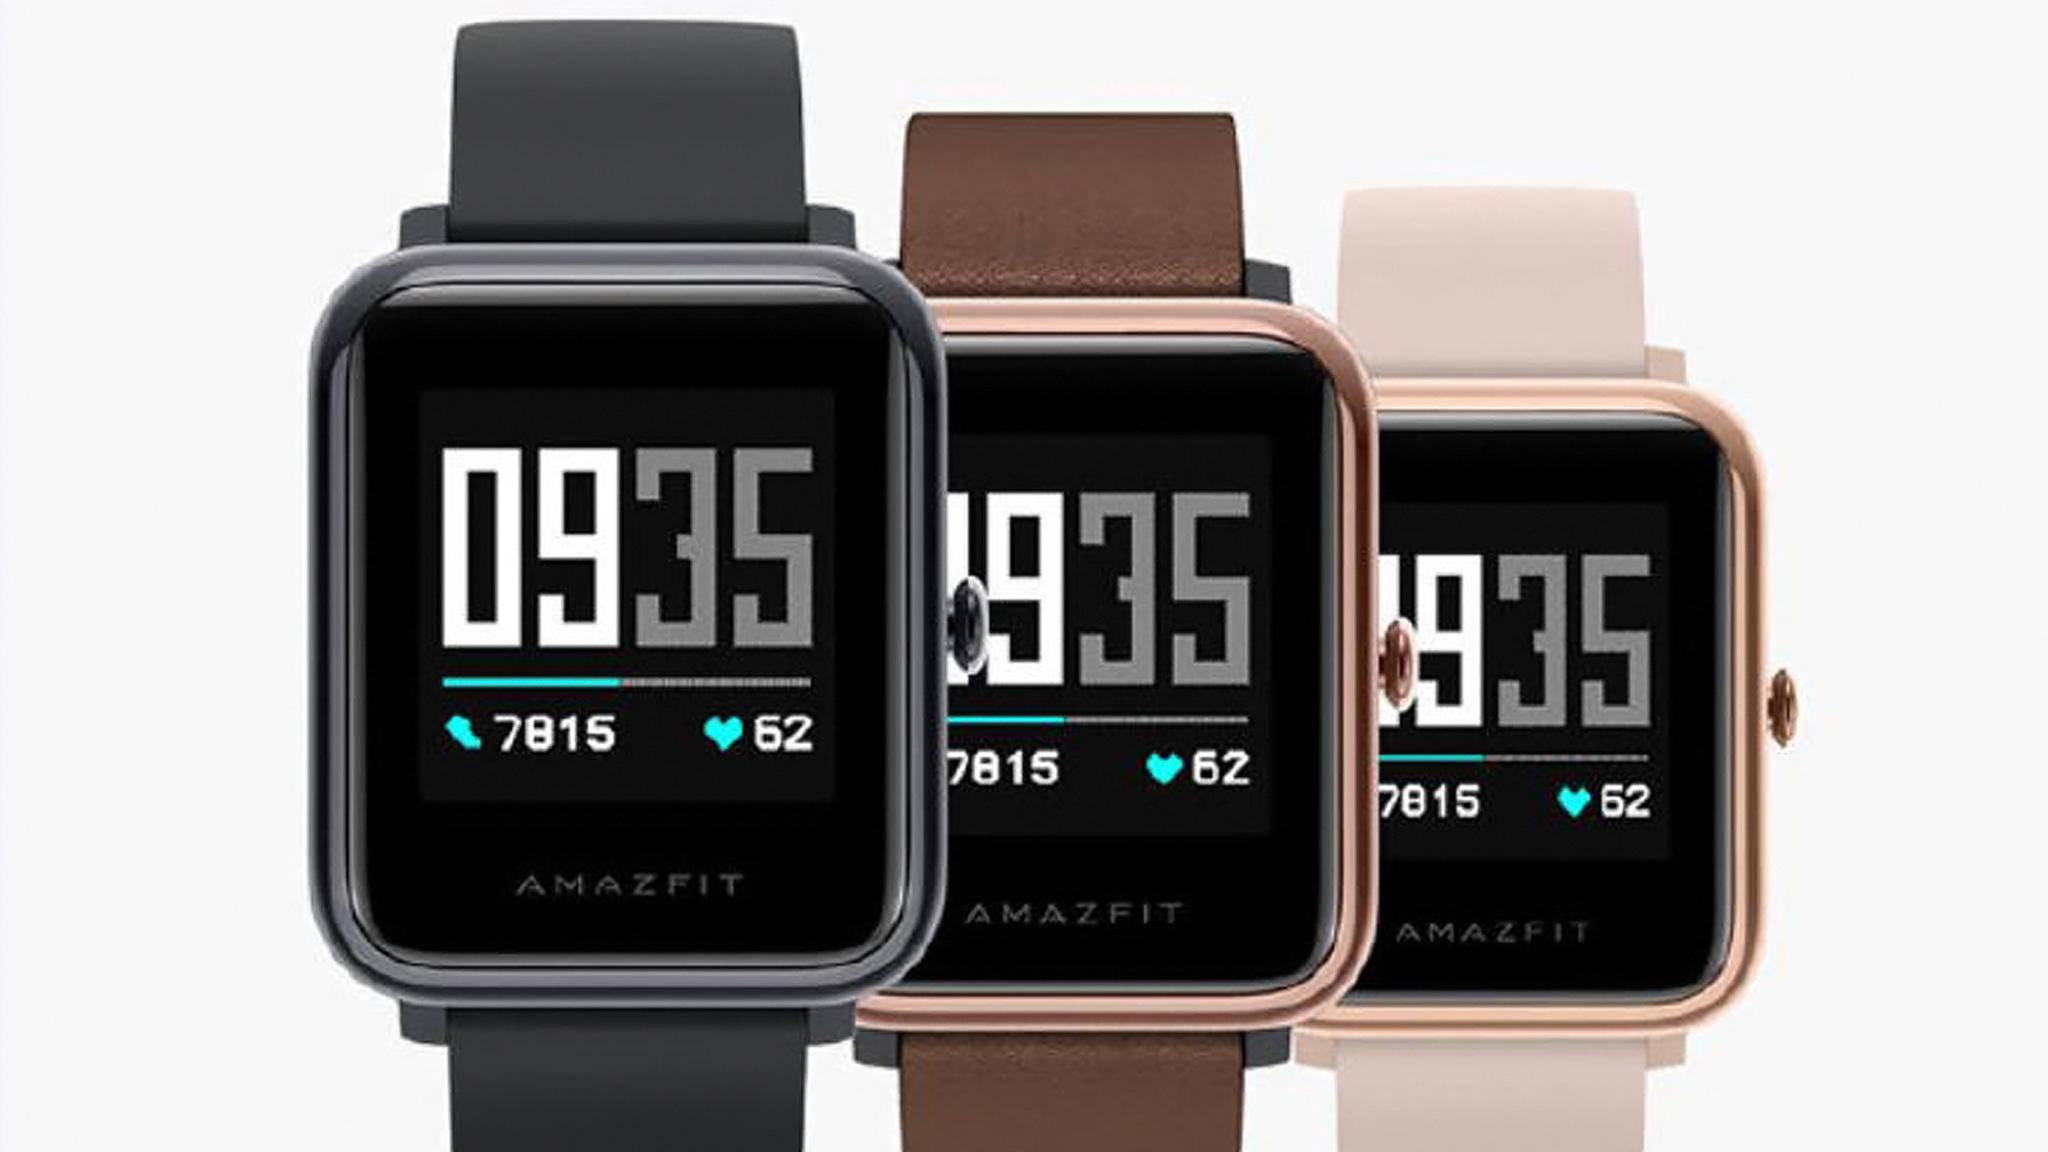 Huami bringt mit der Amazfit Health Watch eine neue Smartwatch an den Start.